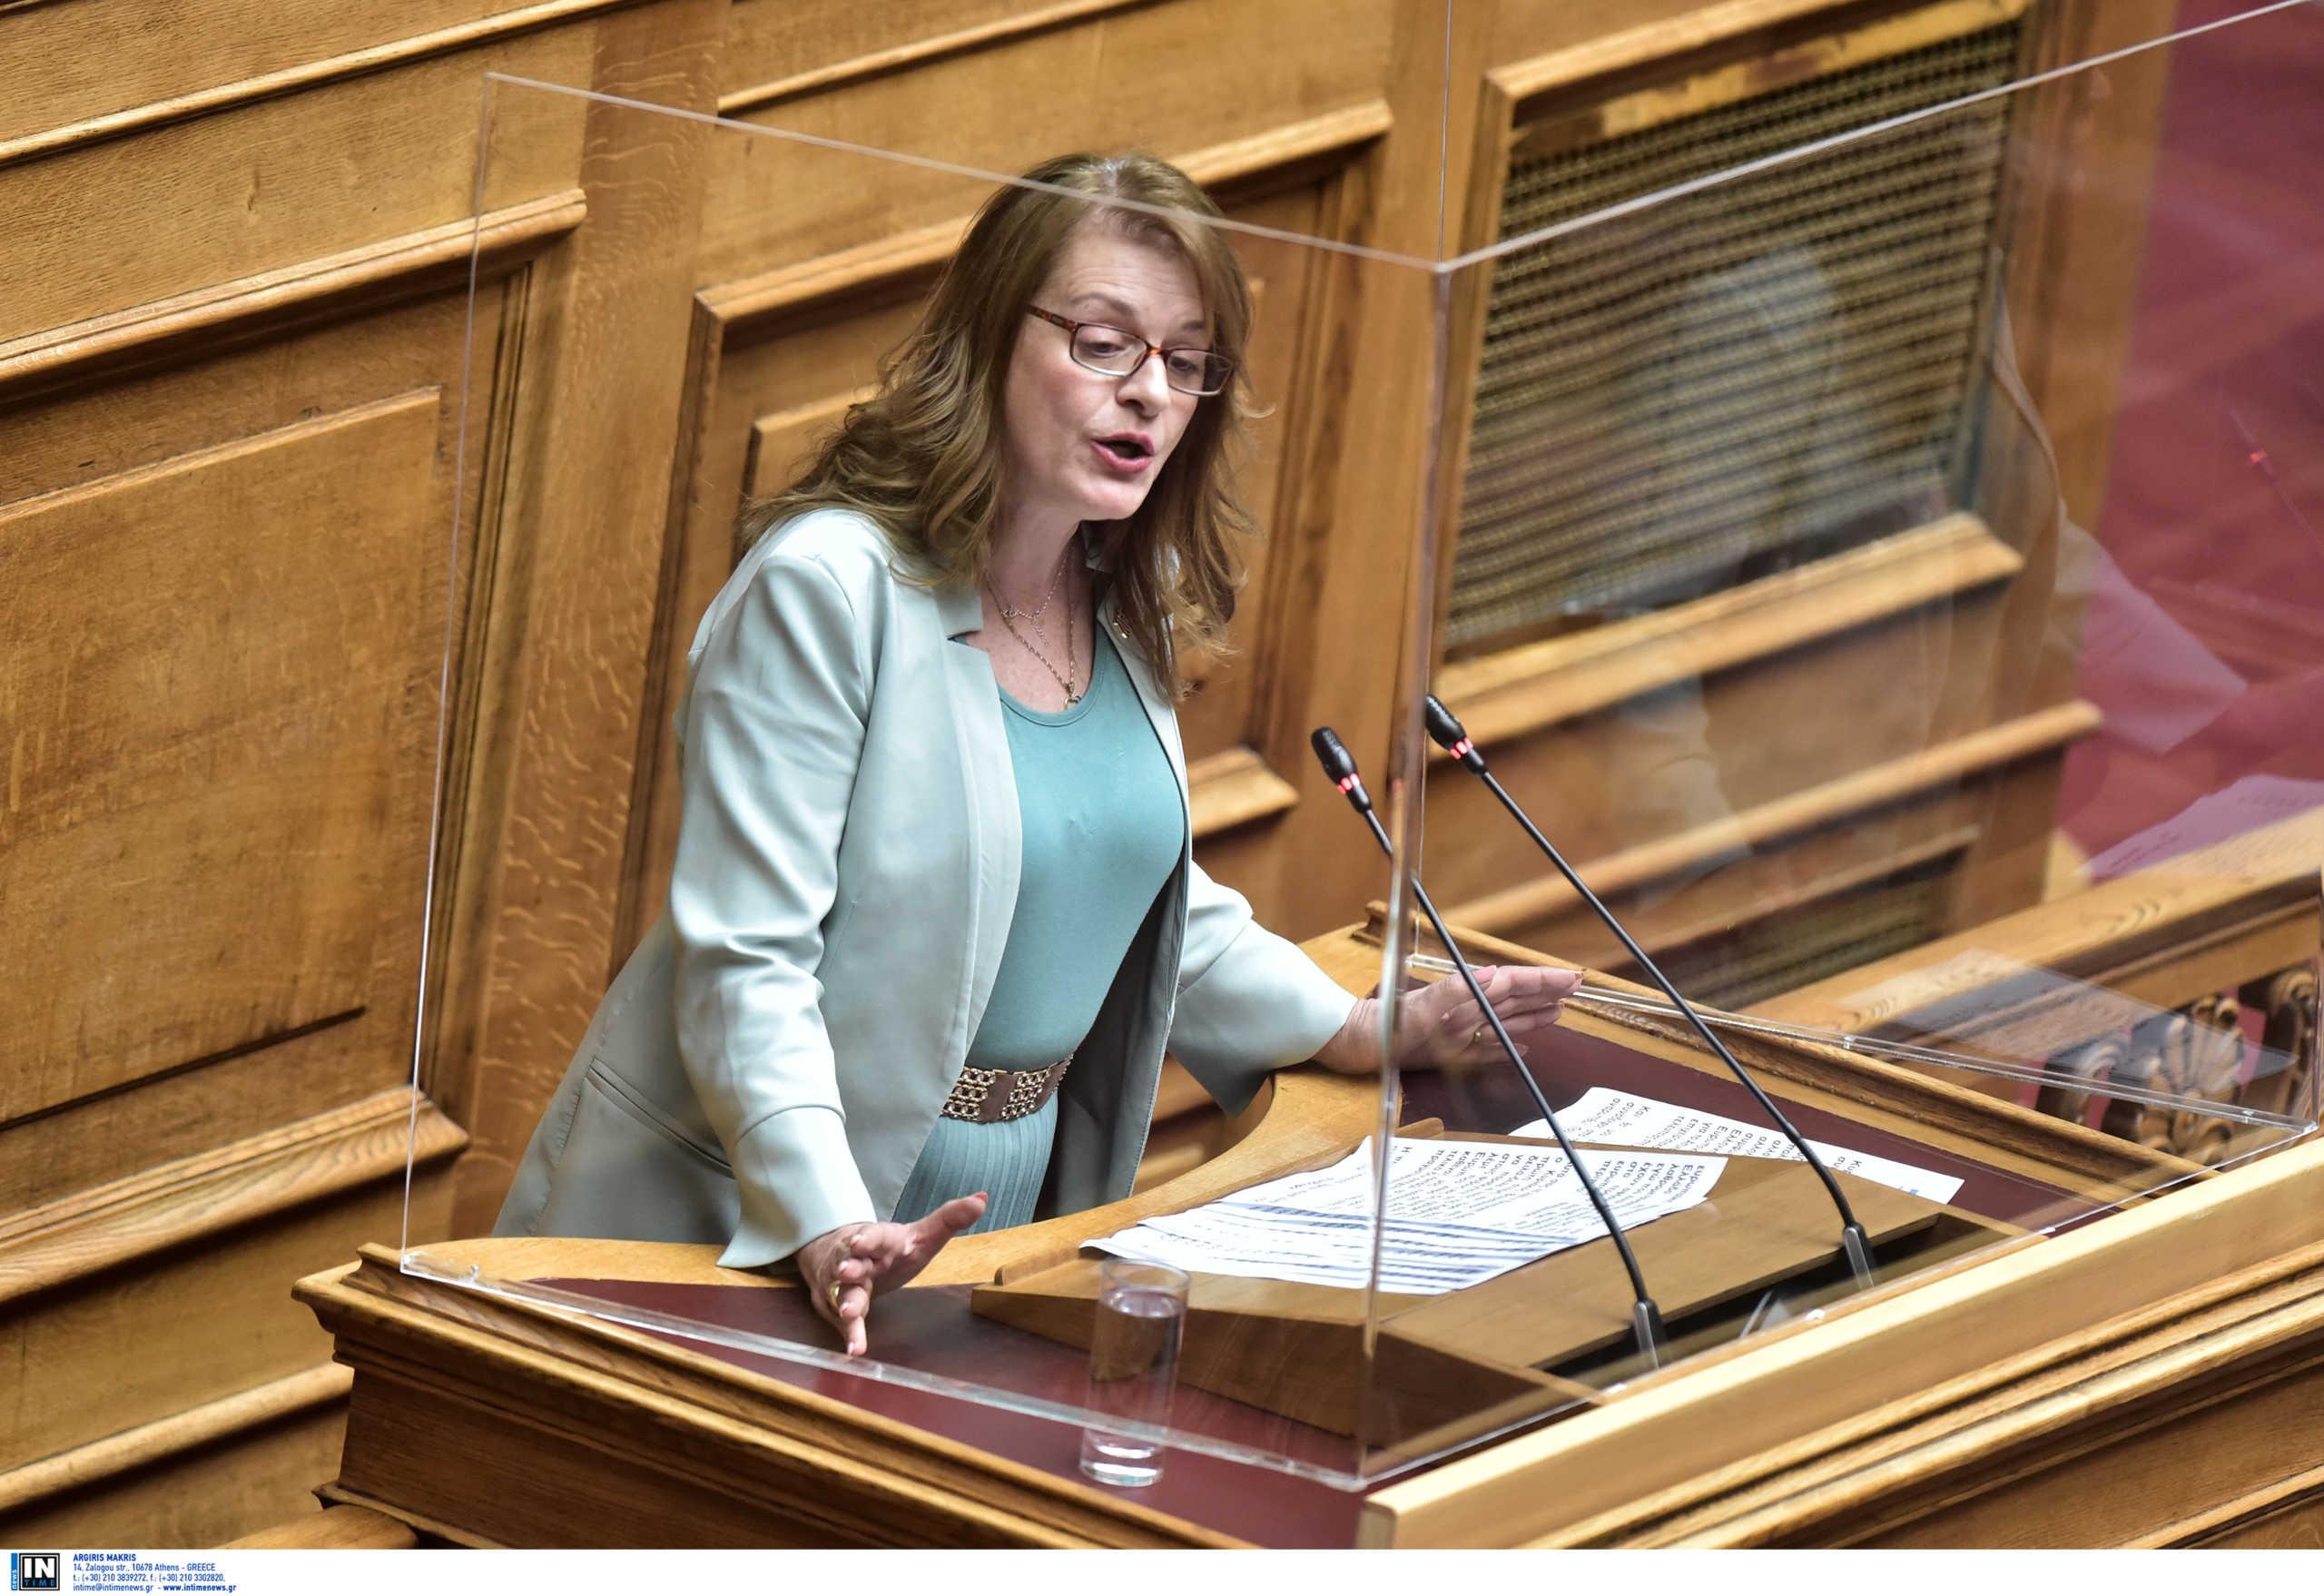 Ποια είναι η βουλευτής Αλεξοπούλου που έφυγε και επέστρεψε στο κόμμα της μέσα σε λίγα λεπτά